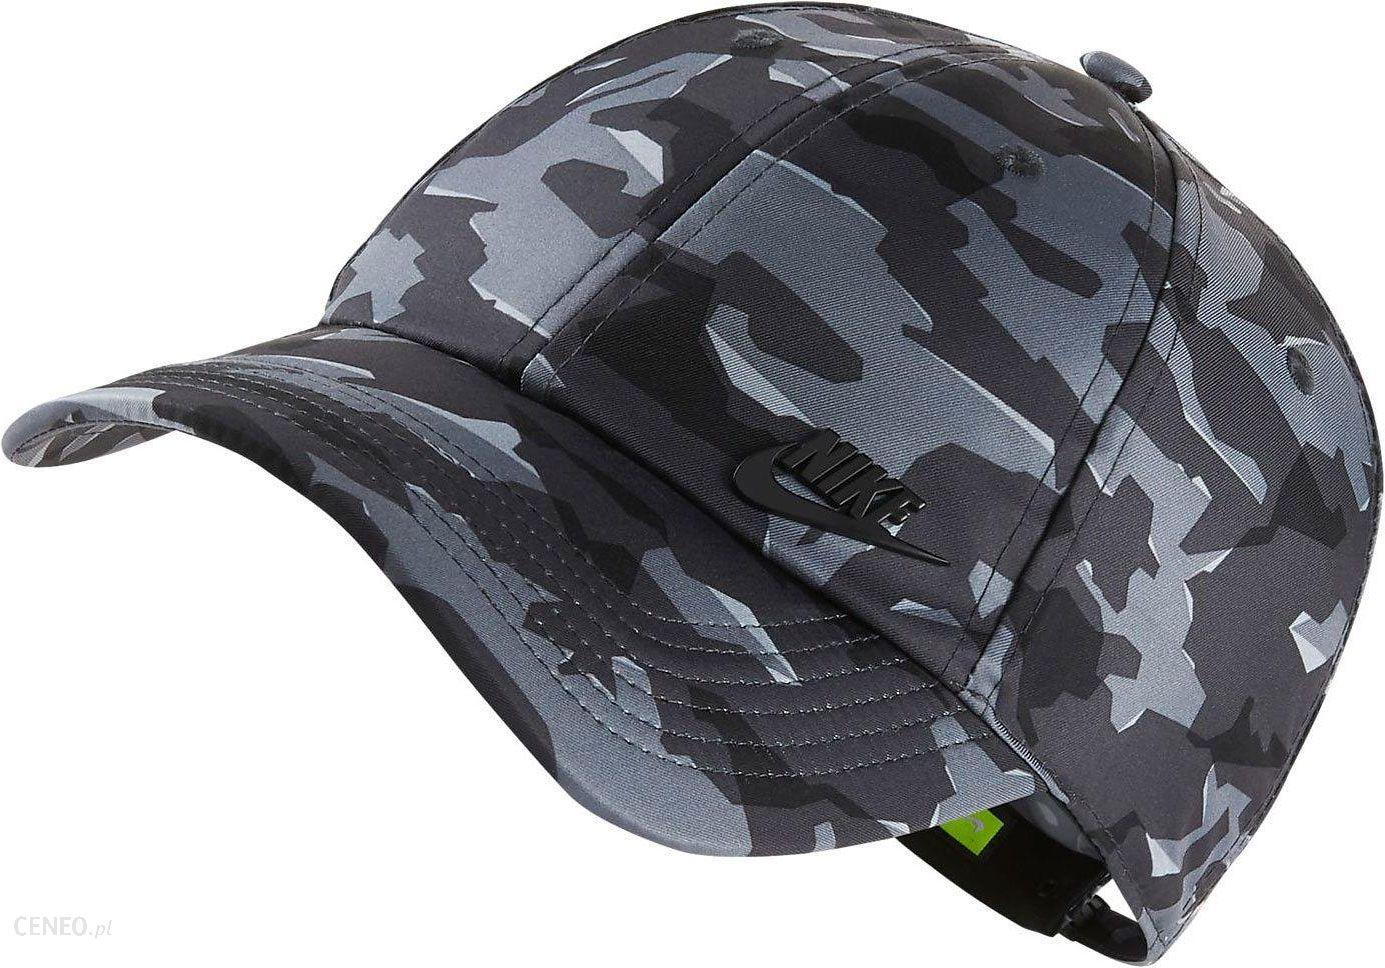 złapać wykwintny styl zniżki z fabryki Nike Czapka Z Daszkiem Sportswear Nsw Futura Heritage 86 Ciemne Moro  942212060 - Ceny i opinie - Ceneo.pl